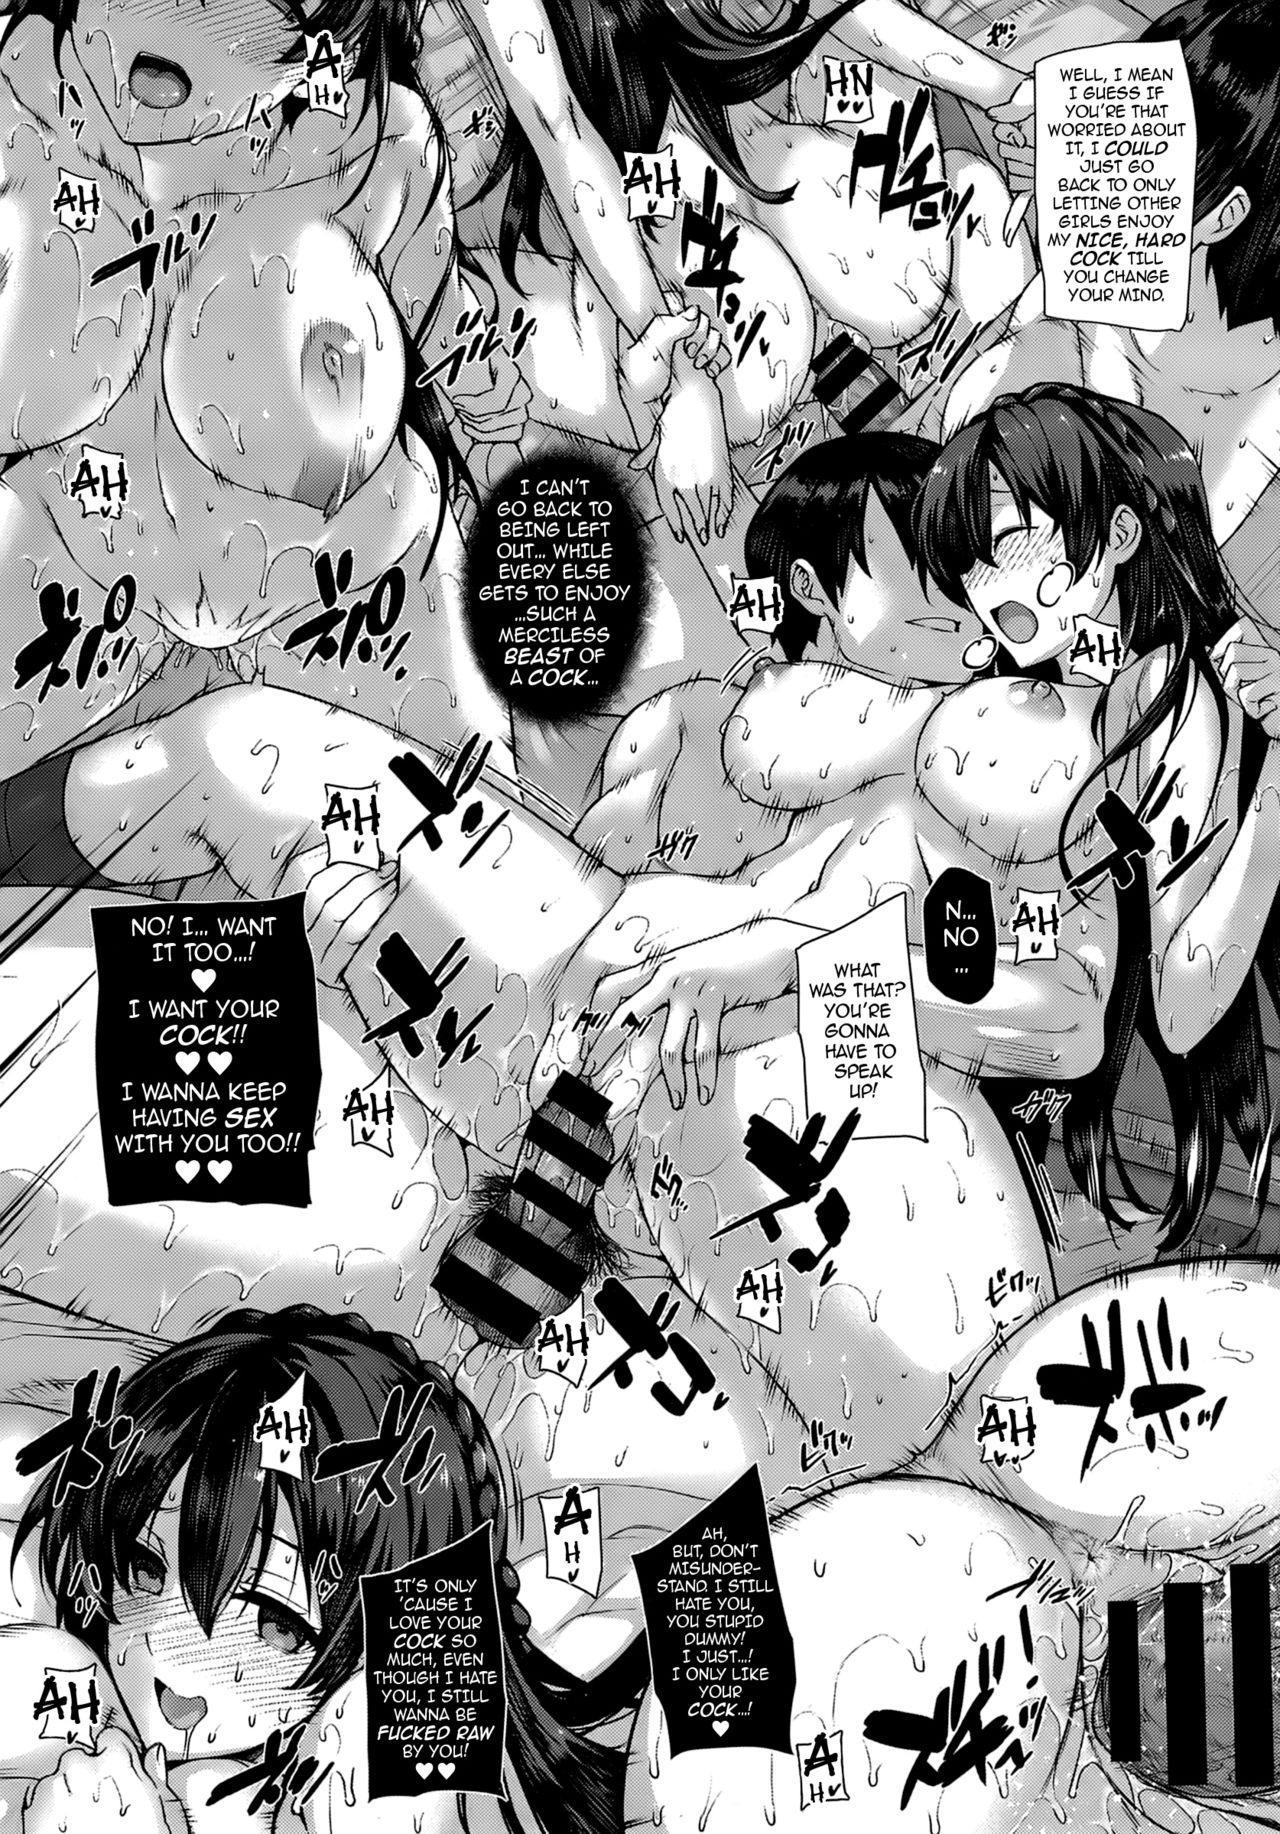 [Katsurai Yoshiaki] Amatsuka Gakuen no Ryoukan Seikatsu | Angel Academy's Hardcore Dorm Sex Life 1-2, 4-8 [English] {darknight} [Digital] 27